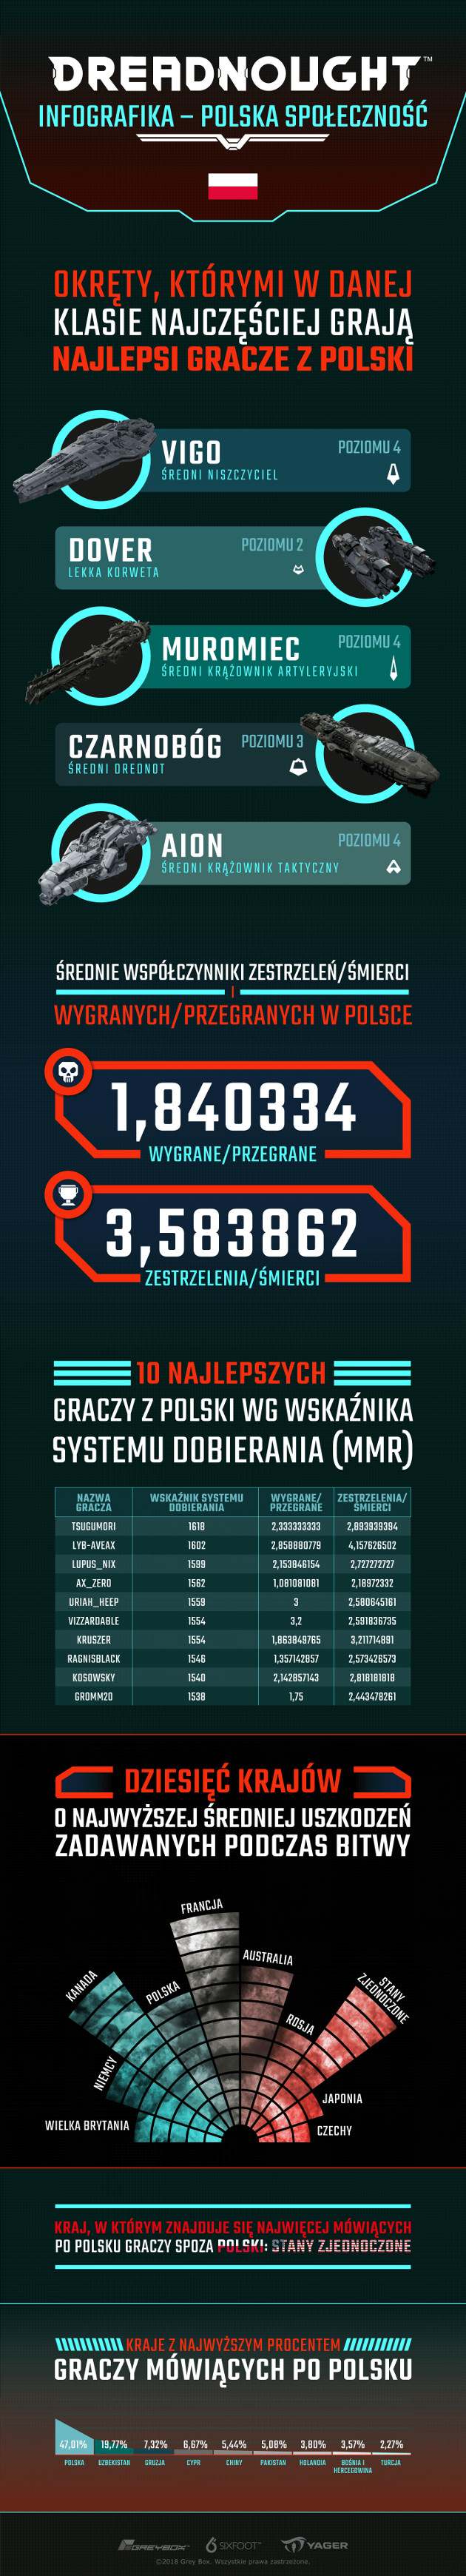 Dreadnought Polska